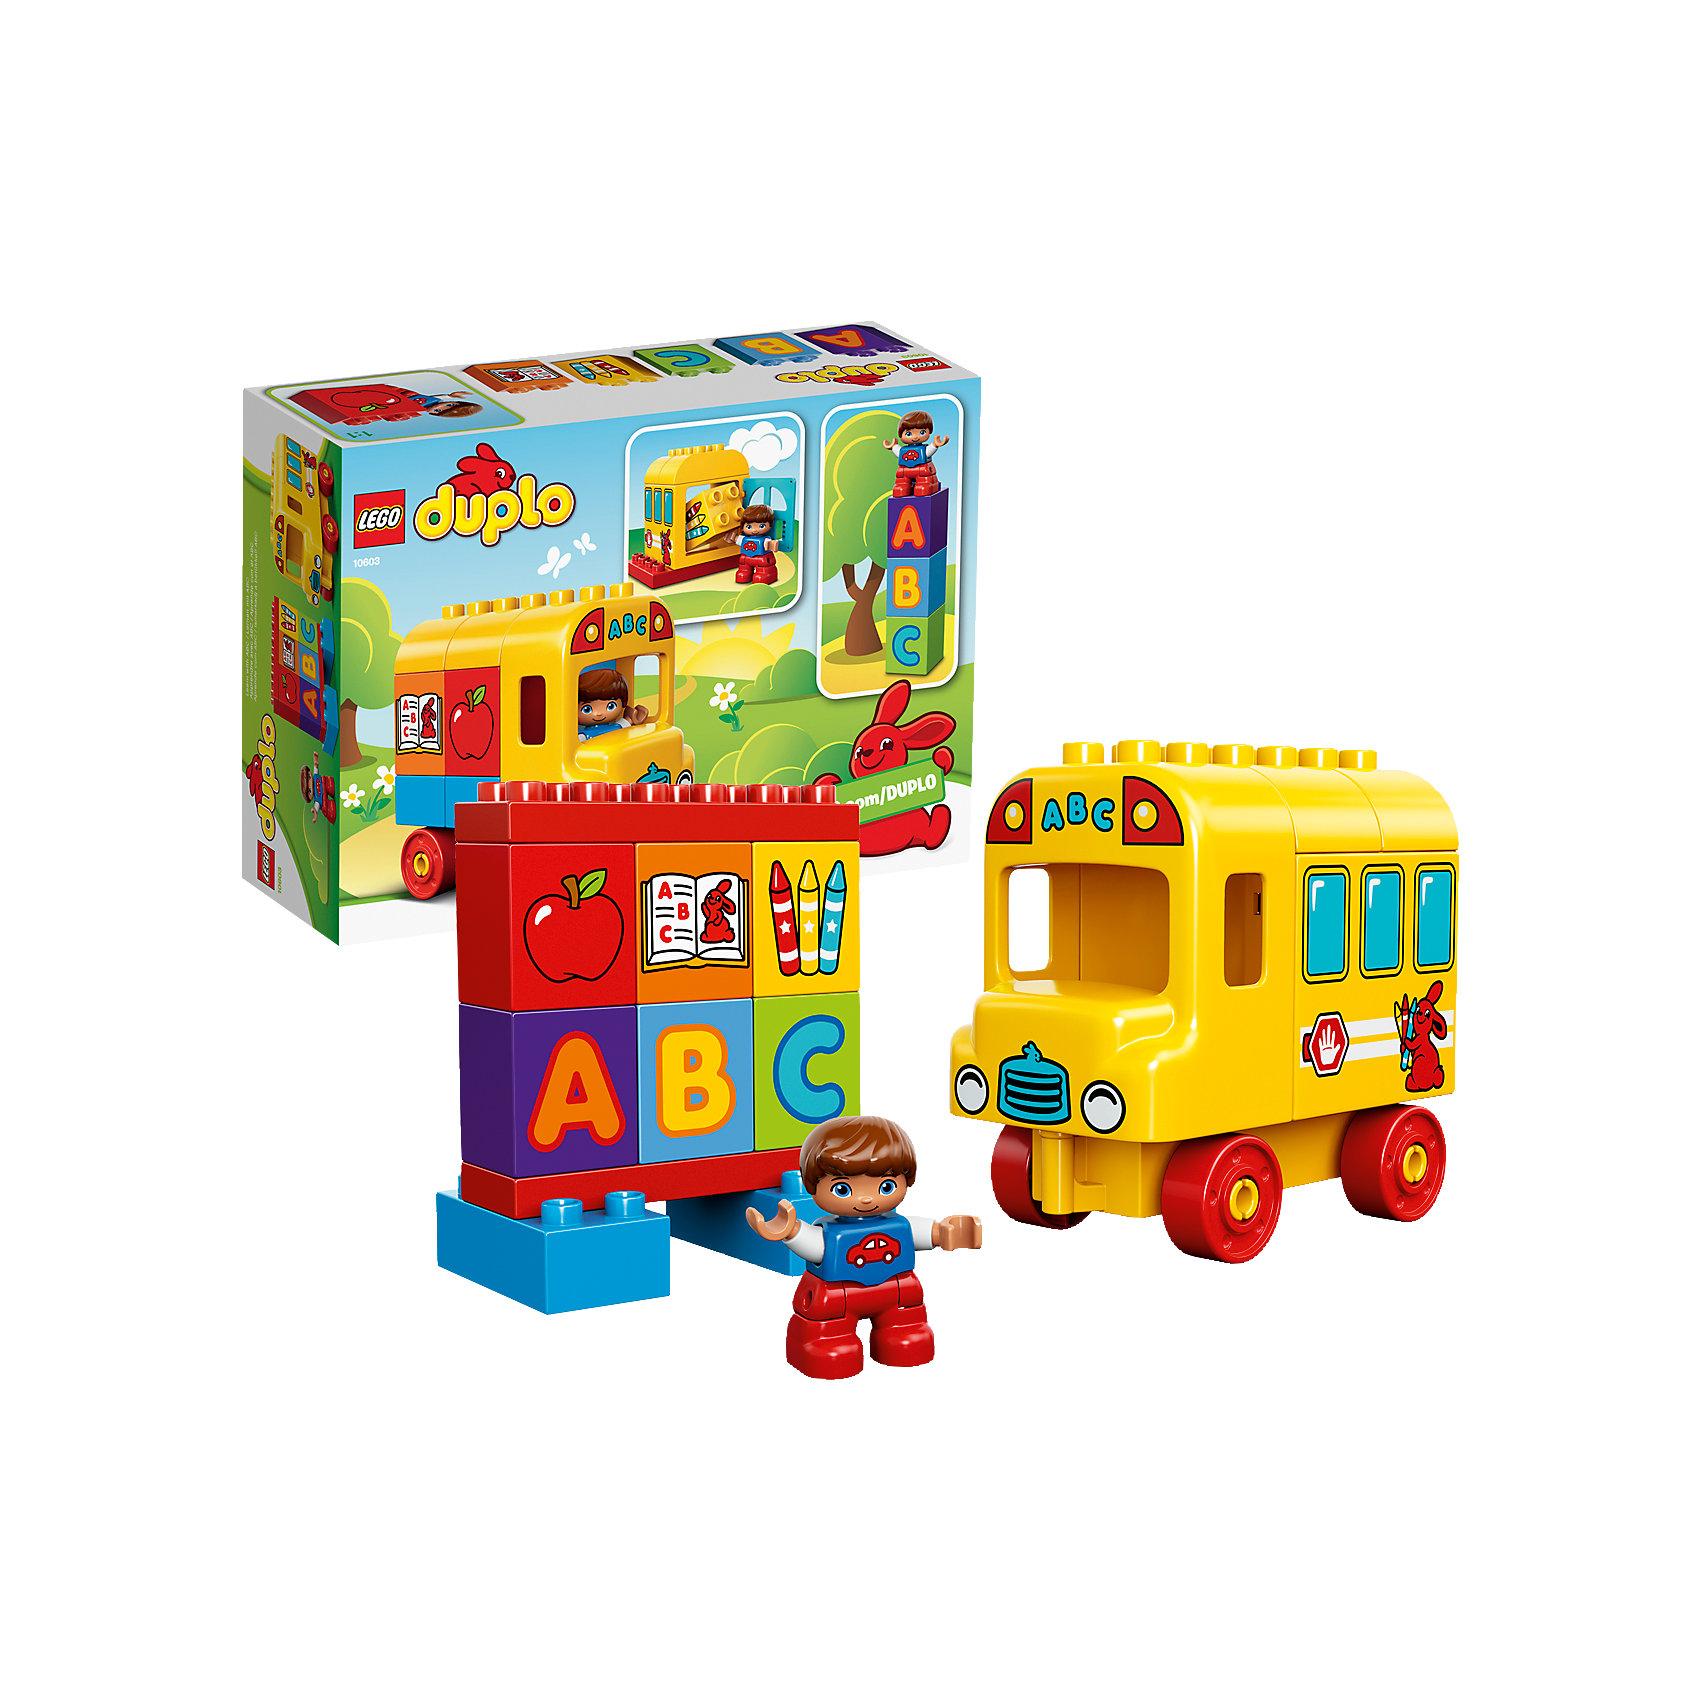 LEGO DUPLO 10603: Мой первый автобусЗамечательная новинка от LEGO DUPLO (ЛЕГО Дупло) 10603: Мой первый автобус! В одном конструкторе собраны два любимых детских занятия: игры с кубиками и машинками. Яркий и легкий в сборке автобус даст малышу большой простор для фантазии: можно загрузить кубики через заднюю дверцу, а можно построить из них школьную доску с буквами и картинками. Минифигурка легко помещается в кабину автобуса. Более увлекательного набора для развития ребенка просто не найти. Строя грузовик, доску, пирамиду из кубиков и просто соединяя детали между собой, ребёнок в увлекательной игровой форме тренирует мелкую моторику и координацию. Создайте милые и увлекательные сюжеты с набором LEGO DUPLO (ЛЕГО Дупло) 10603: Мой первый автобус или объедините его с другими наборами серии и игра станет еще увлекательнее!  <br><br>Конструкторы LEGO DUPLO (ЛЕГО ДУПЛО) созданы специально для детей дошкольного возраста. Они сочетают увлекательную игру и обучение, а также развивают мелкую моторику, пространственное мышление и творческие способности малышей. Кубики LEGO DUPLO (ЛЕГО ДУПЛО) в 8 раз больше, чем обычные, что позволяет ребенку удобно держать их ручками и быстро строить. Большое количество дополнительных элементов делает игровые сюжеты по-настоящему захватывающими и реалистичными. Все наборы LEGO DUPLO (ЛЕГО ДУПЛО) соответствуют самым высоким европейским стандартам качества и абсолютно безопасны. <br><br>Дополнительная информация:<br><br>- Конструкторы LEGO (ЛЕГО) отлично развивают моторику, мышление и фантазию Вашего ребенка;<br>- В комплекте: минифигурка мальчика, детали набора;<br>- Количество деталей: 17 шт;<br>- Идеальный первый конструктор;<br>- Серия: LEGO DUPLO (ЛЕГО Дупло);<br>- Материал: безопасный пластик.<br><br>Конструктор LEGO DUPLO (ЛЕГО Дупло) 10603: Мой первый автобус можно купить в нашем магазине.<br><br>Ширина мм: 261<br>Глубина мм: 192<br>Высота мм: 96<br>Вес г: 379<br>Возраст от месяцев: 18<br>Возраст до месяцев: 60<br>Пол: Унисекс<br>Возраст: